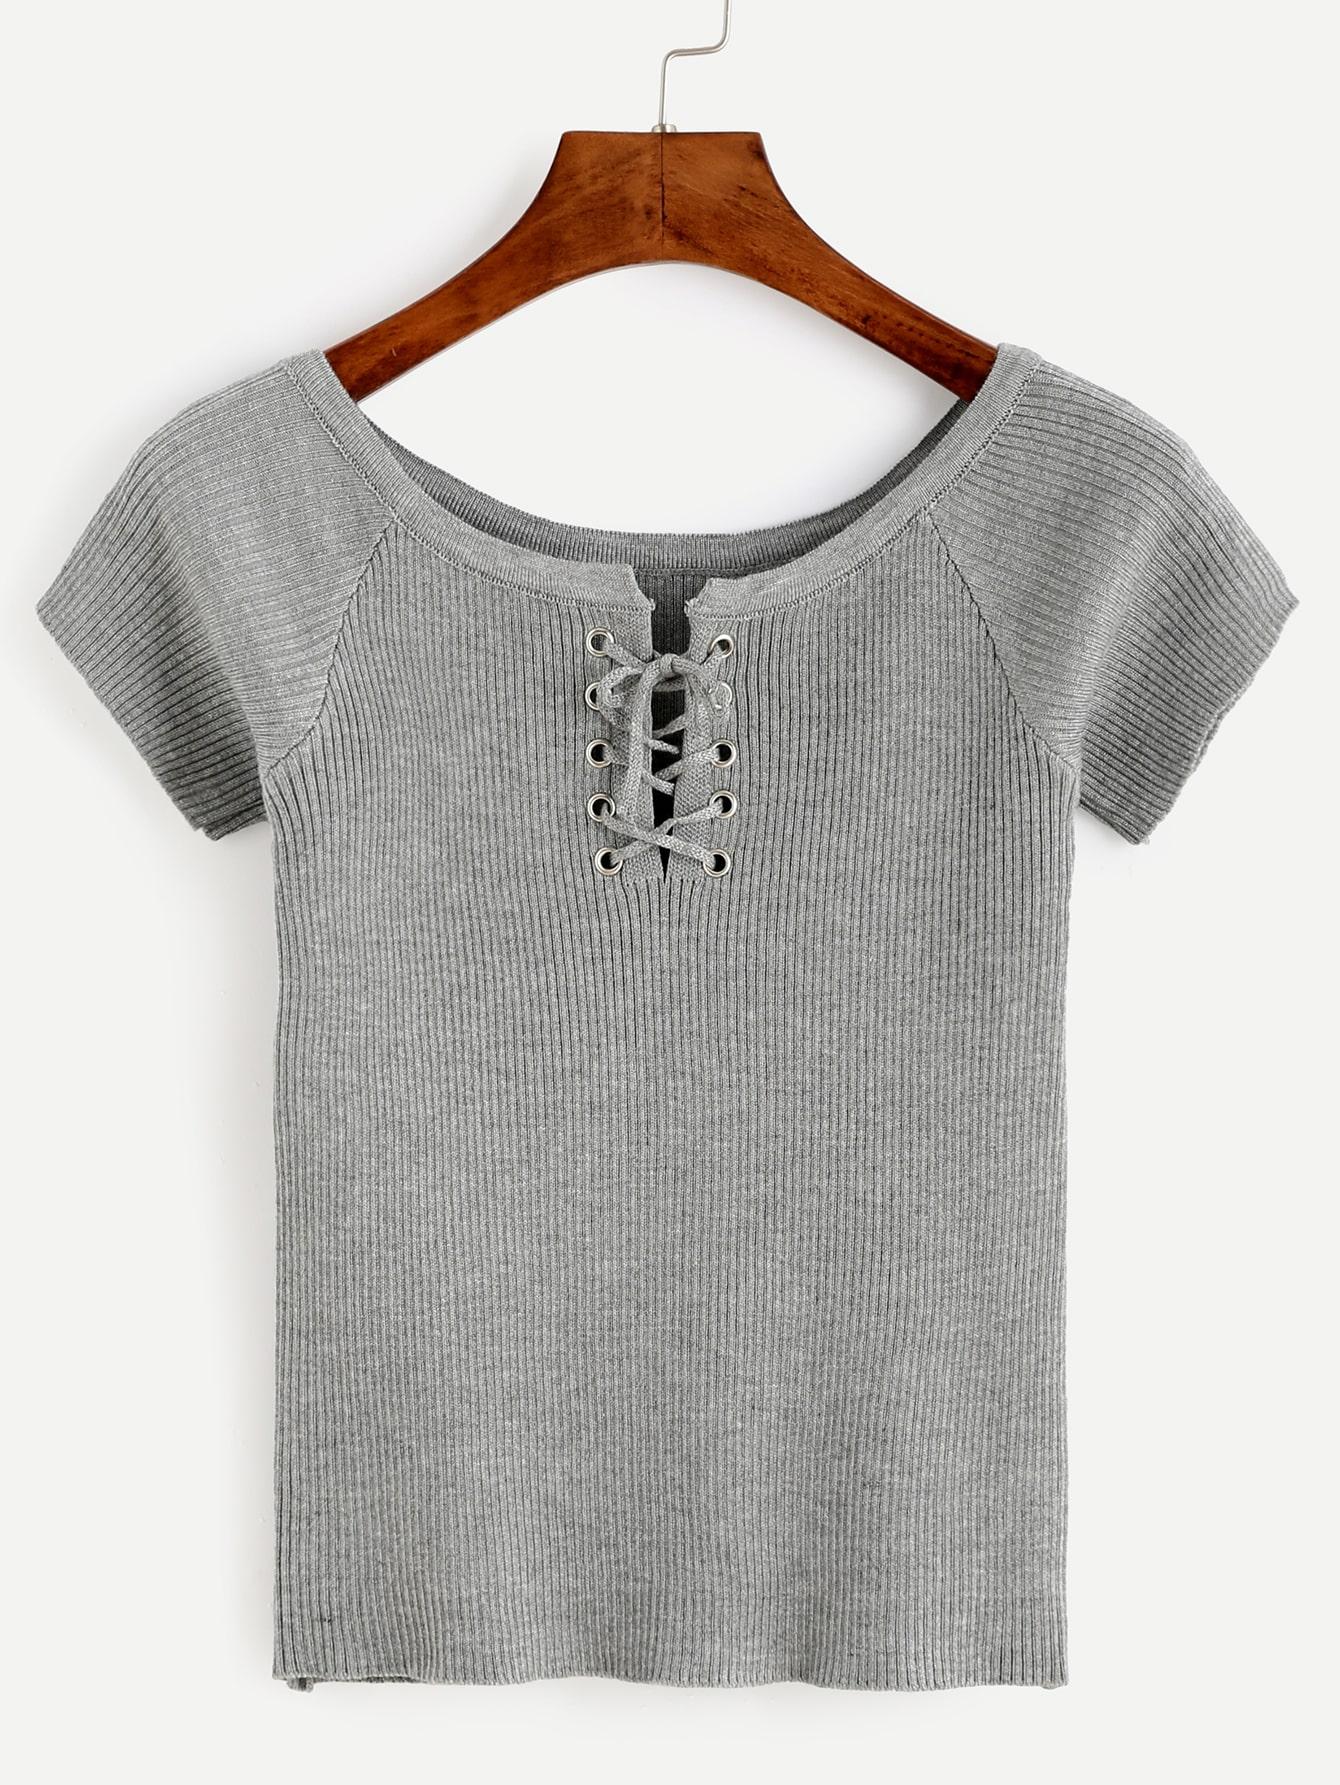 Heather Grey Eyelet Lace Up Ribbed T-shirt